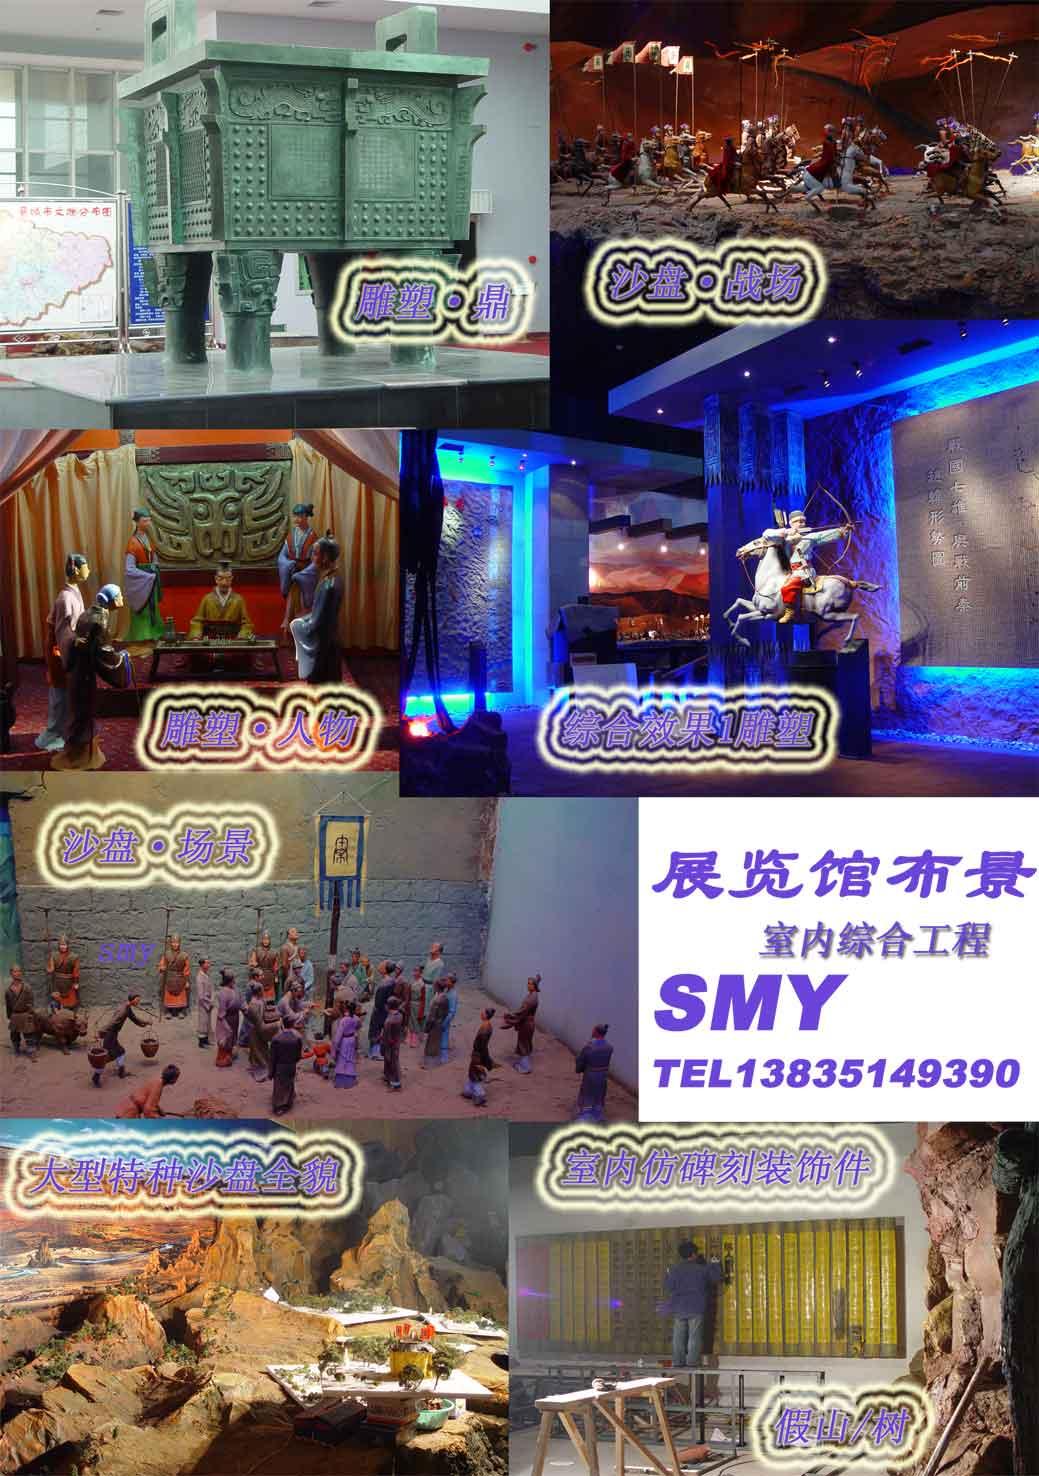 太原古城沙盘制作 平遥古城代县古城沙盘betway官网下载app沙盘制作。